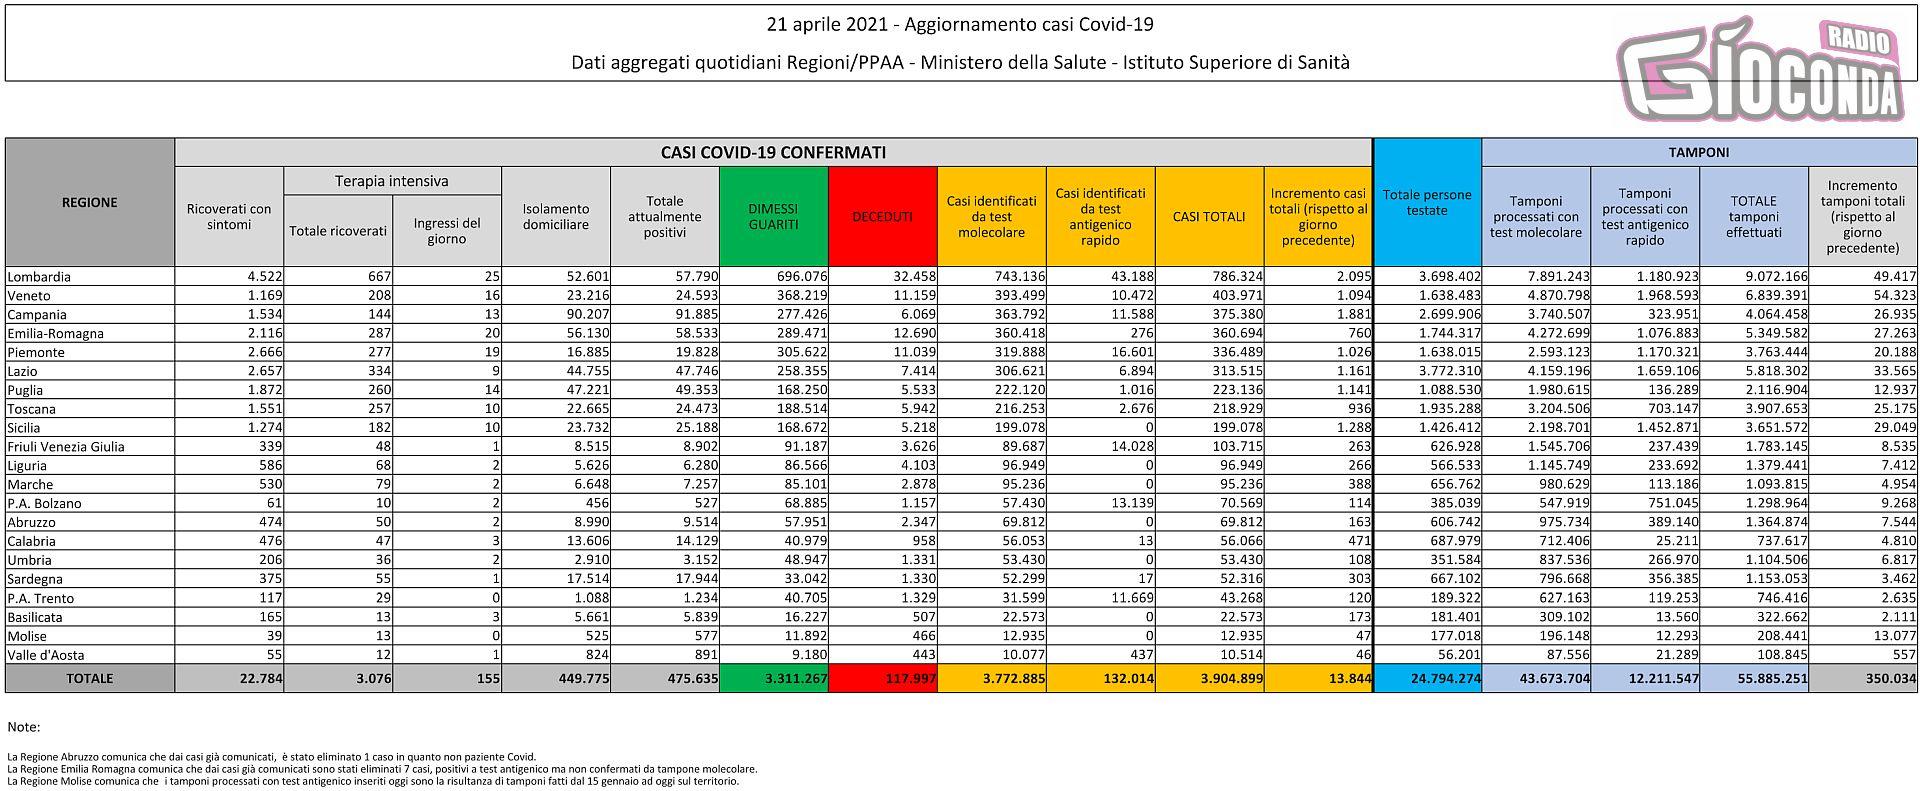 21 aprile 2021 - Aggiornamento casi Covid-19 Dati aggregati quotidiani Regioni/PPAA - Ministero della Salute - Istituto Superiore di Sanità